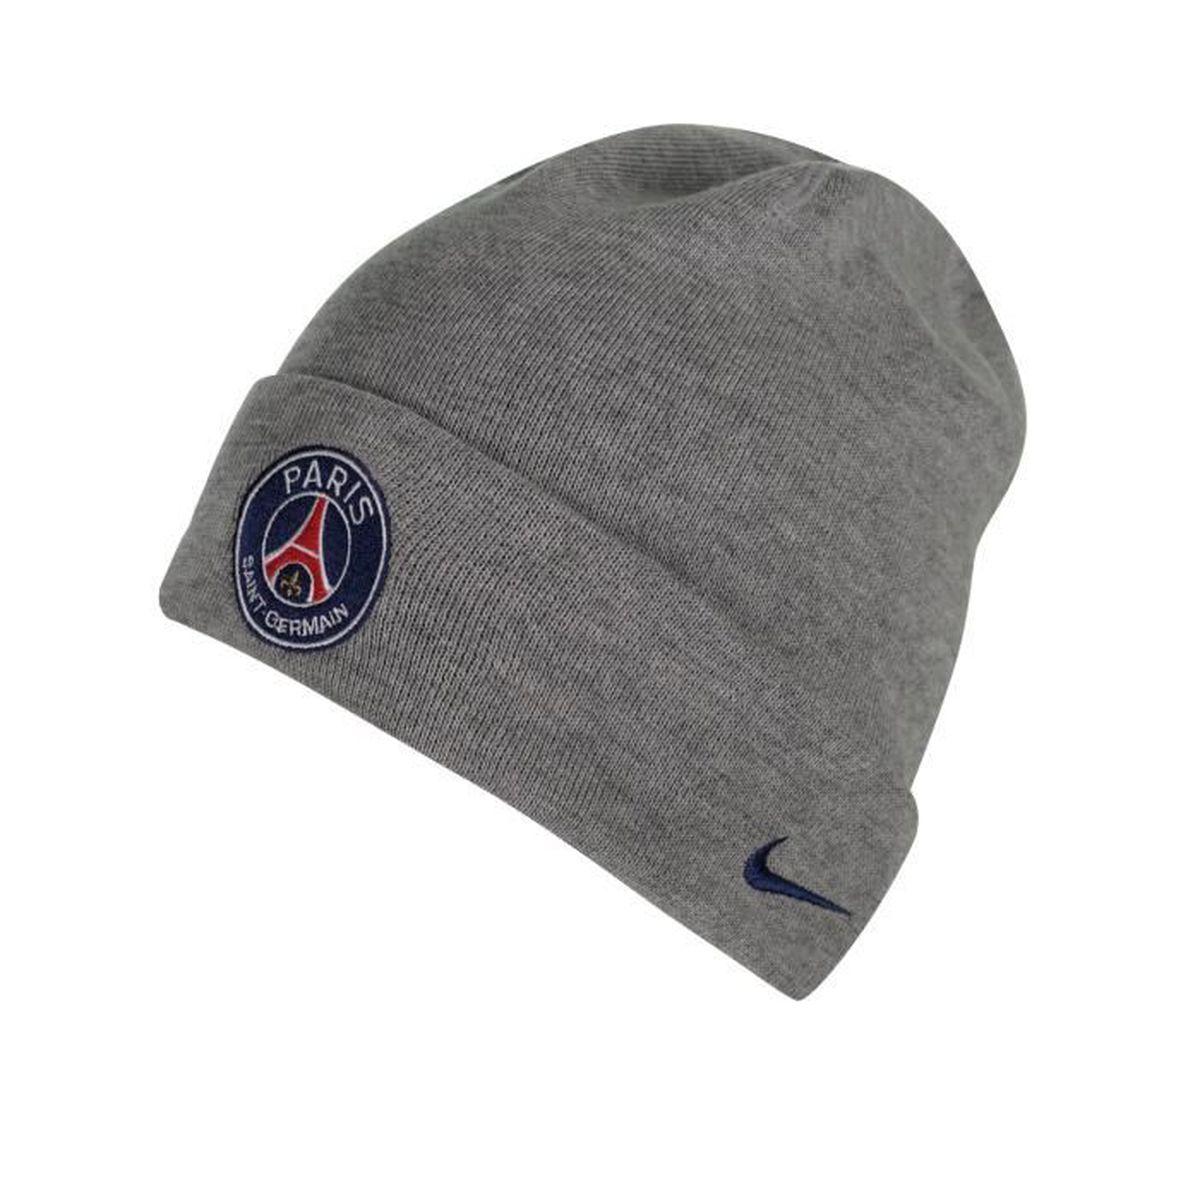 prix de détail haute couture vraie affaire Bonnet PSG Gris Gris - Achat / Vente bonnet de sport ...